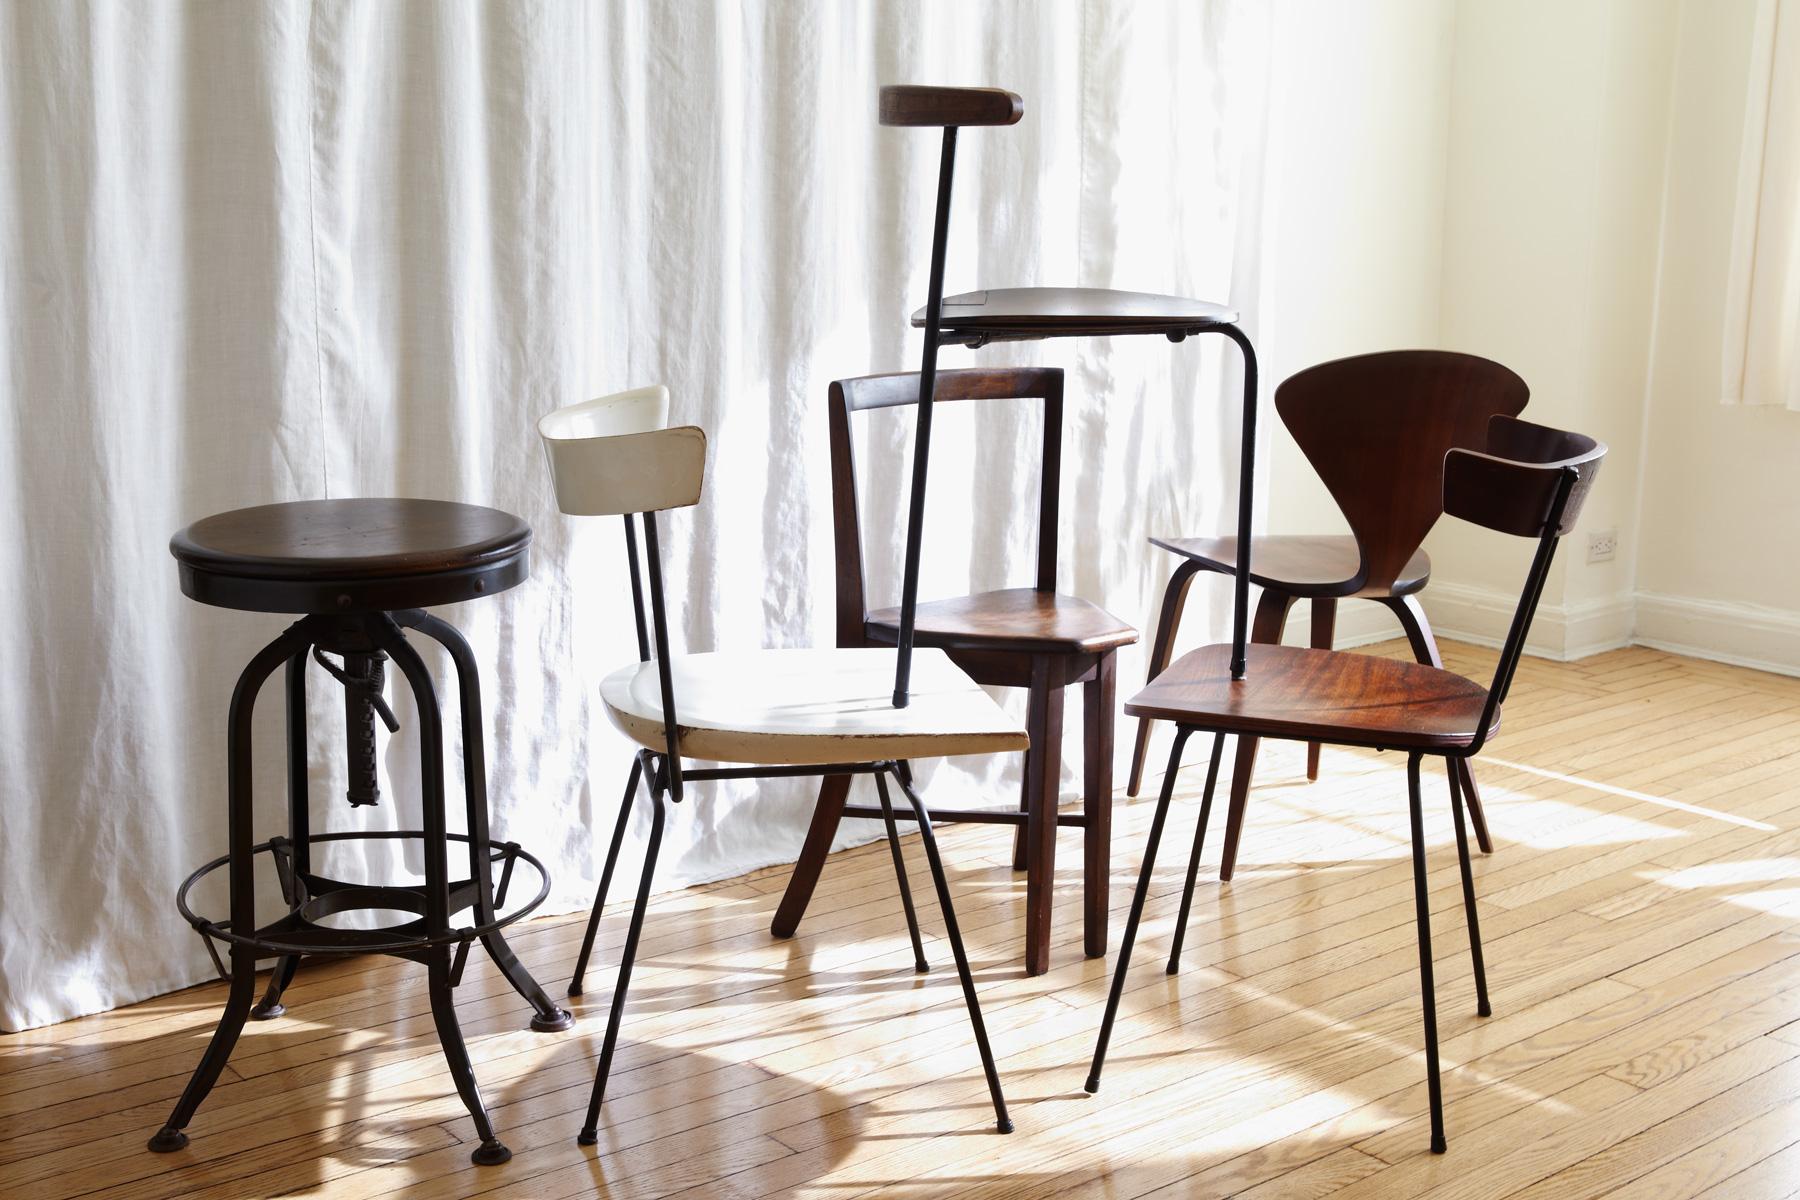 20101007_Chairs_1034.jpg